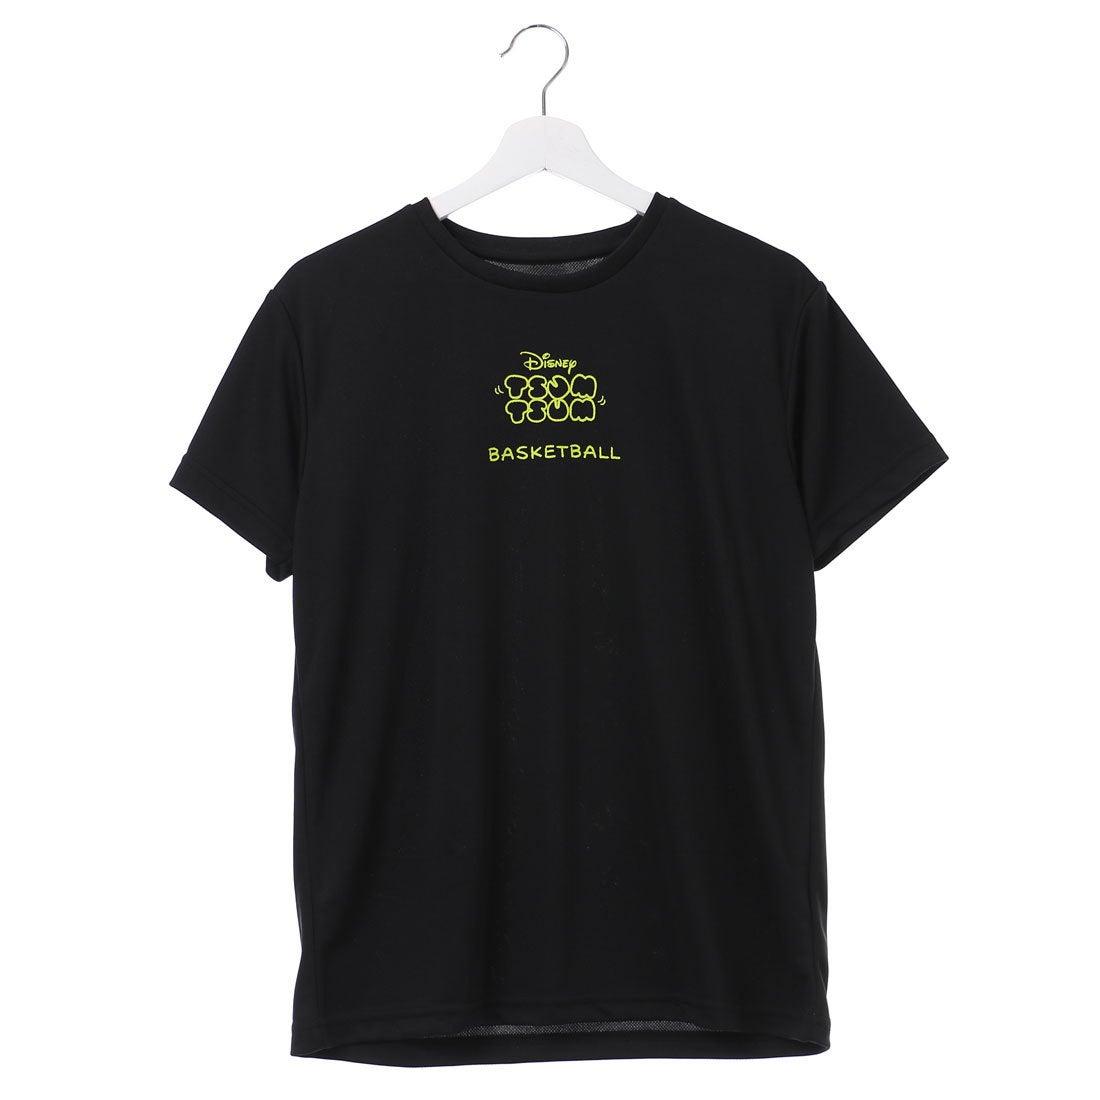 ディズニー Disney レディース バスケットボール 半袖Tシャツ DN-8KW2027TSTM DN-8KW2027TSTM